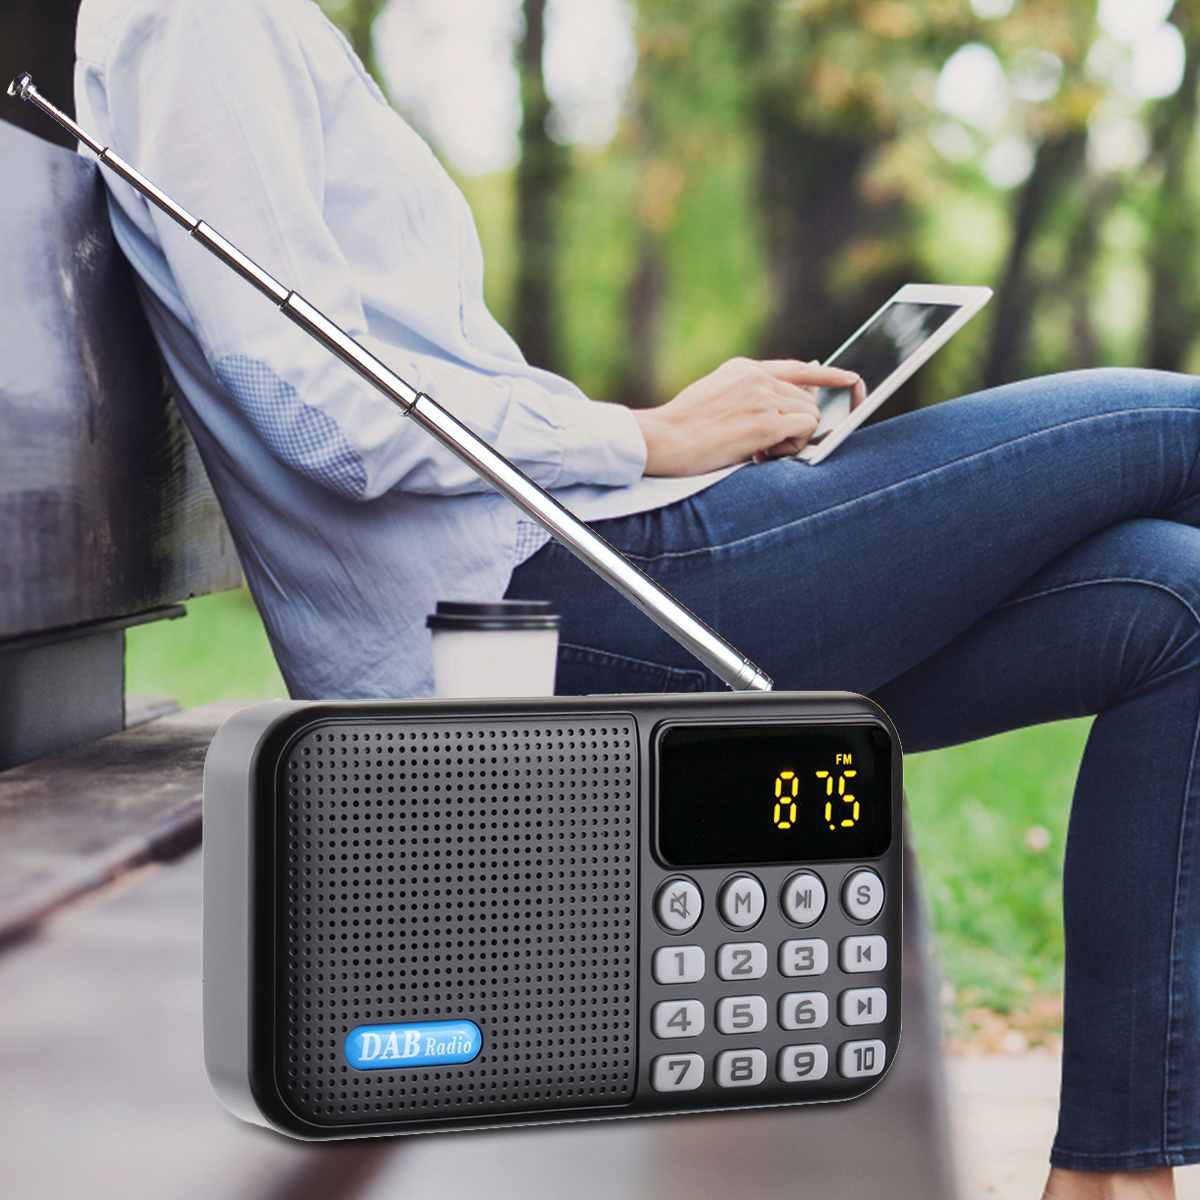 Récepteur de lecteur Radio numérique Portable DAB + FM avec haut-parleur stéréo bluetooth récepteur FM extérieur lecteur de musique avec batterie